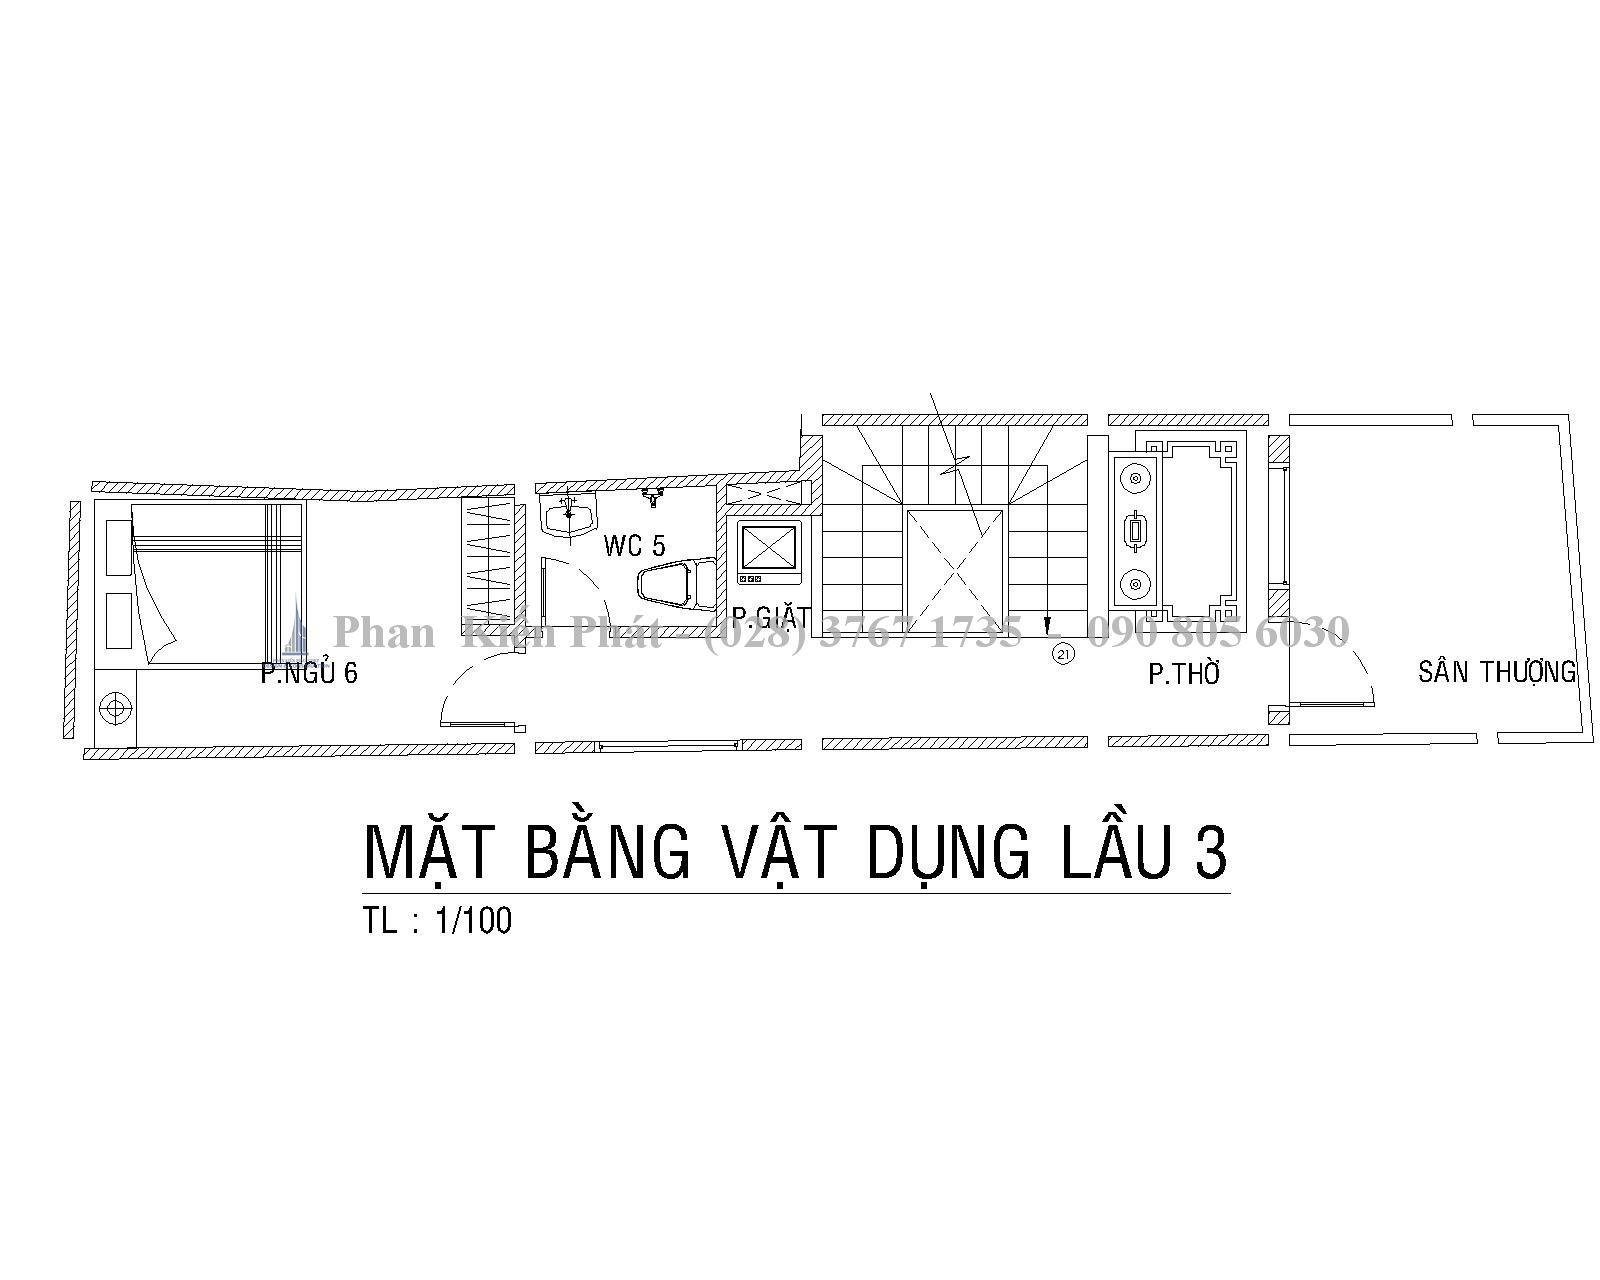 Mat Bang Lau 3 Mau Nha Ong 1 Tret 1lung 3 Lau Hien Dai Anh Tan Dinh 1